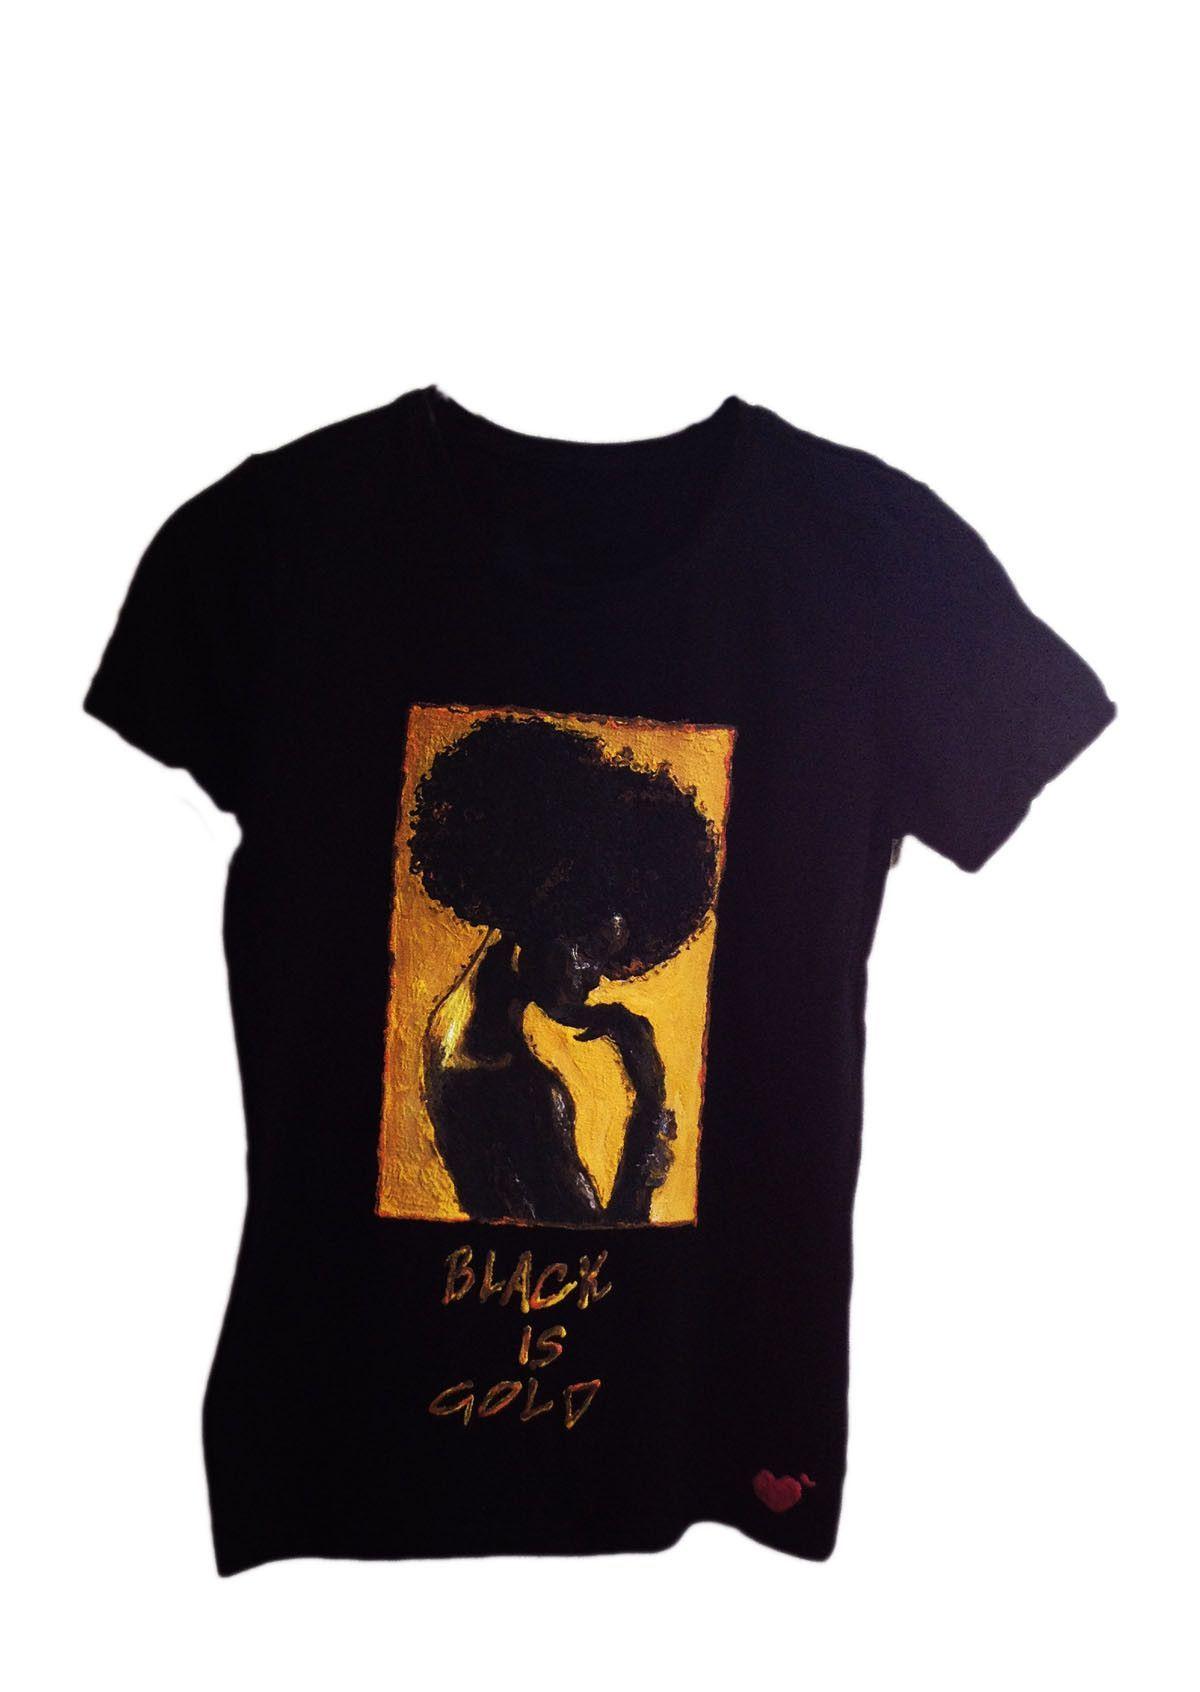 dea7cef226 Afro T-shirt Afrocentric t shirt